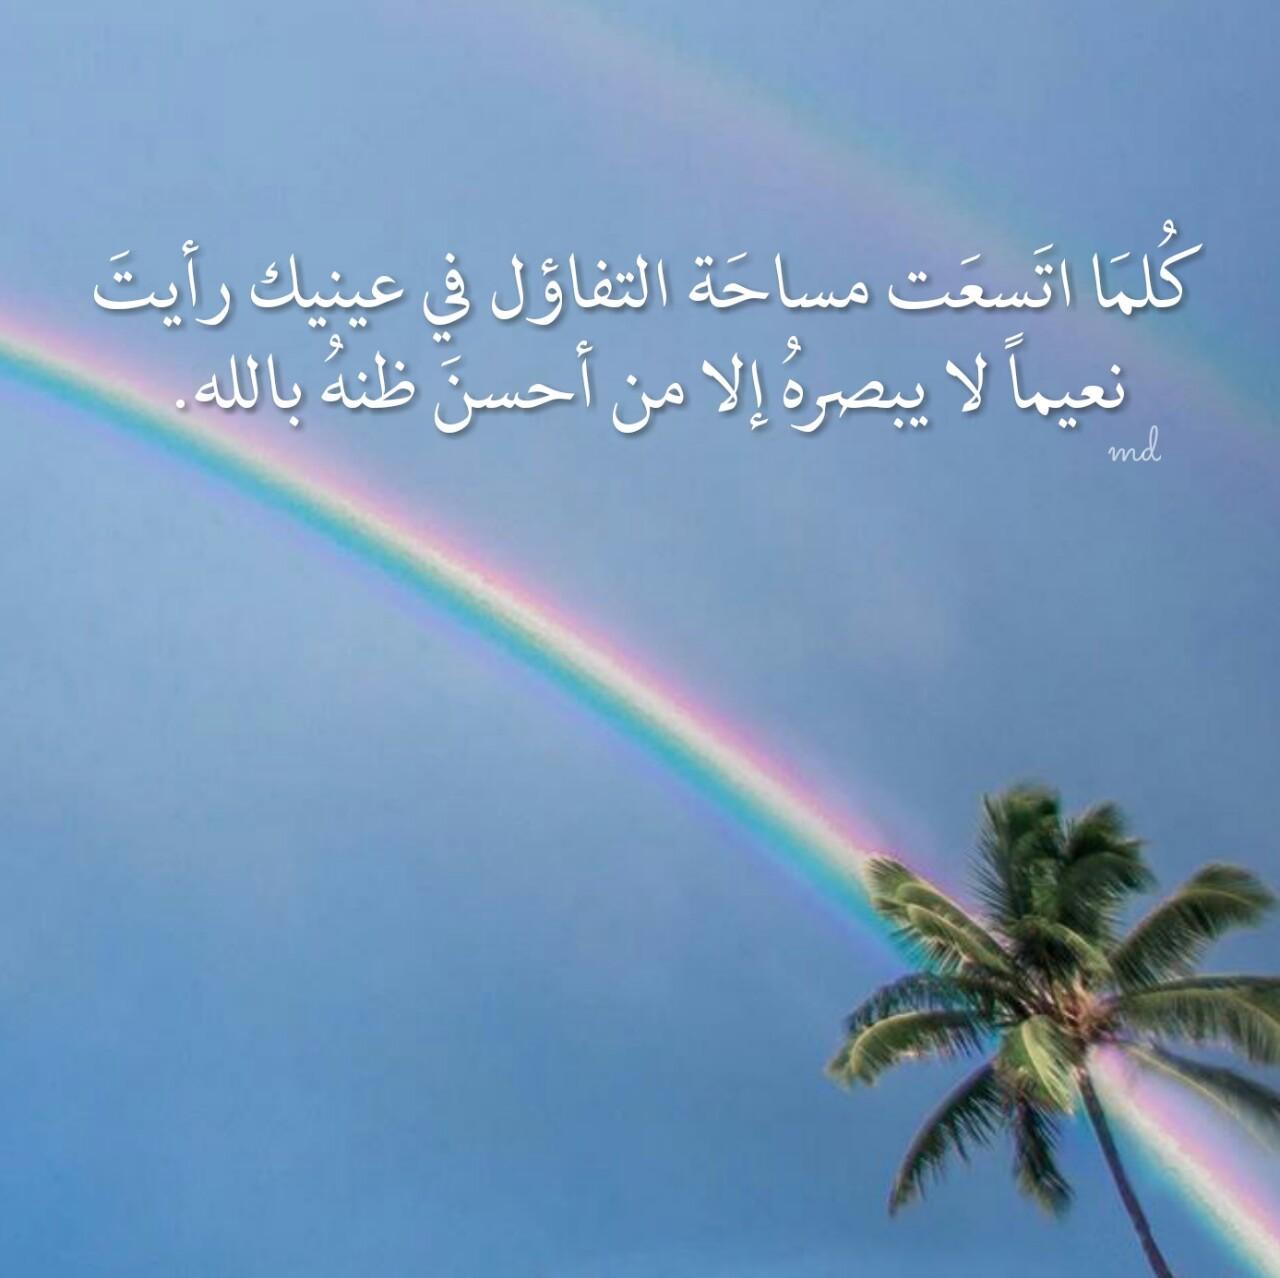 صورة عبارات عن الامل , الأمل هو سر السعادة